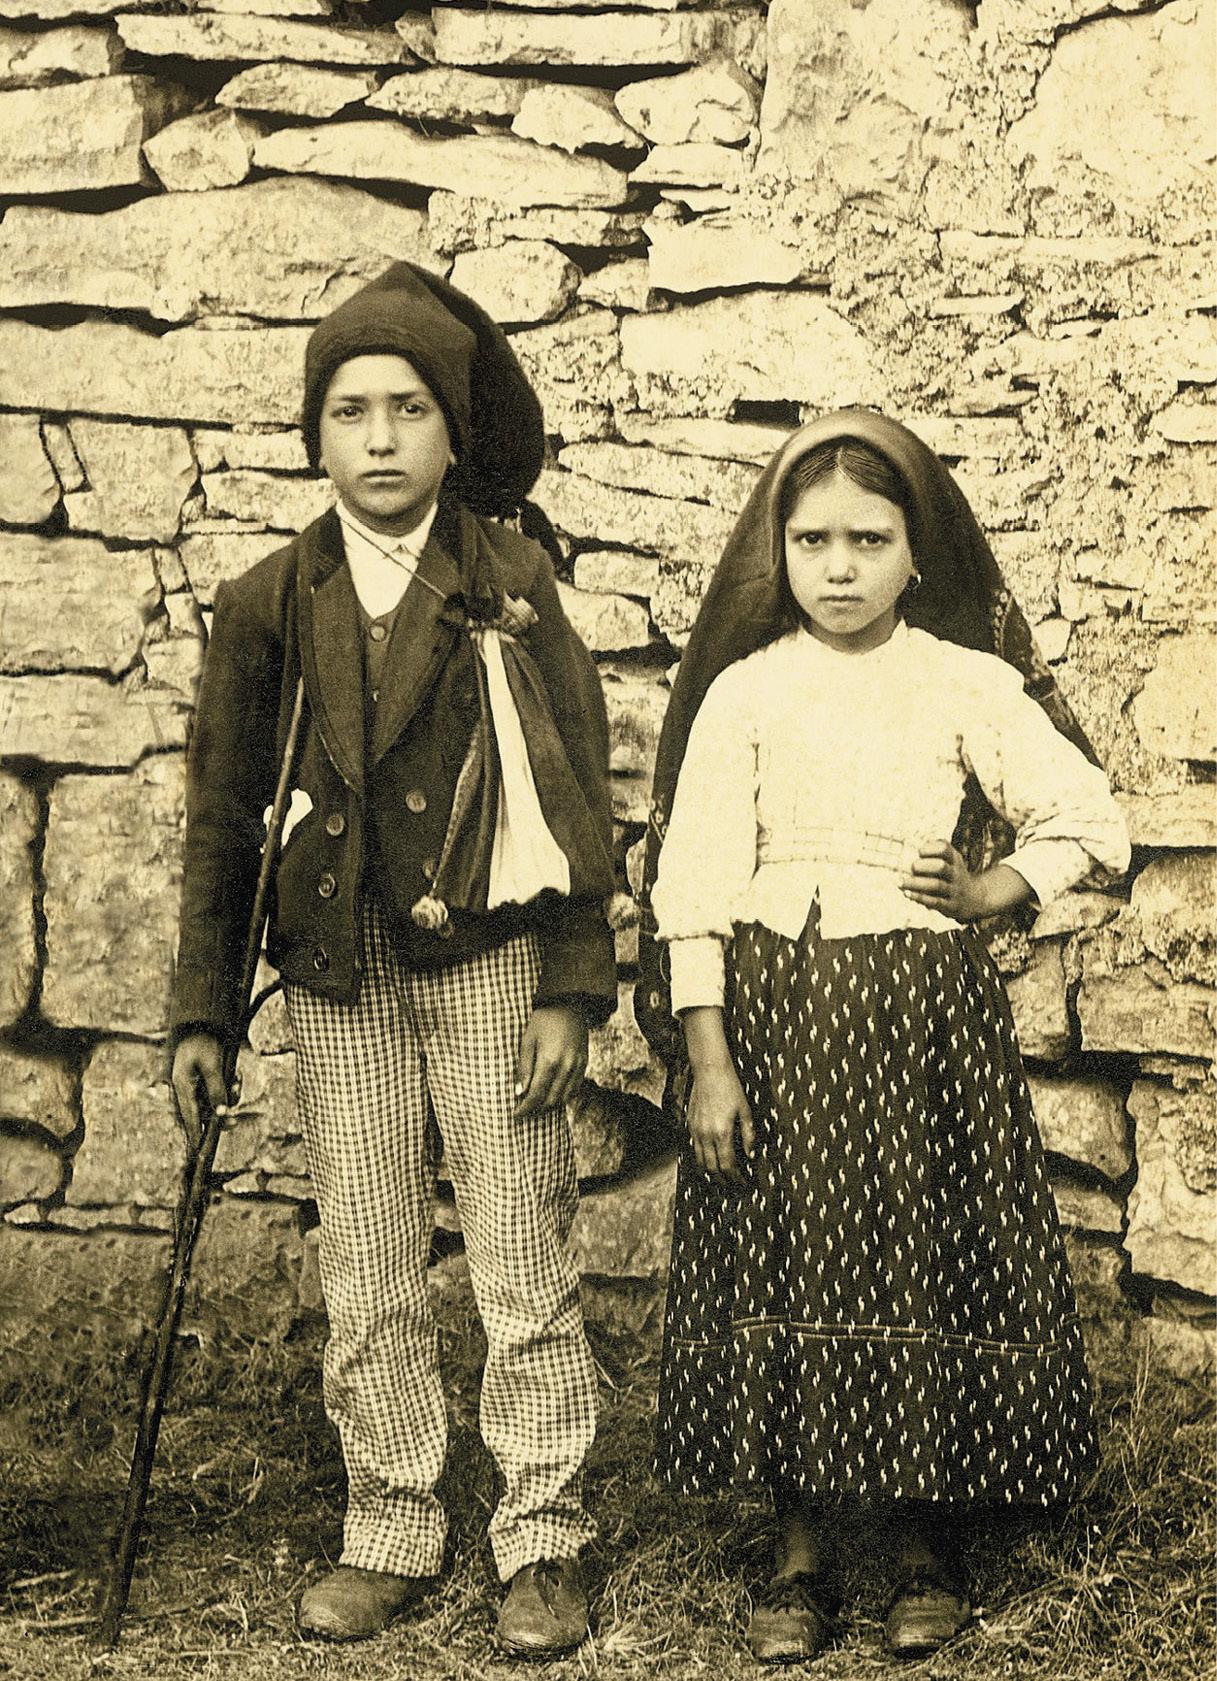 Francisco Marto e Jacinta Marto